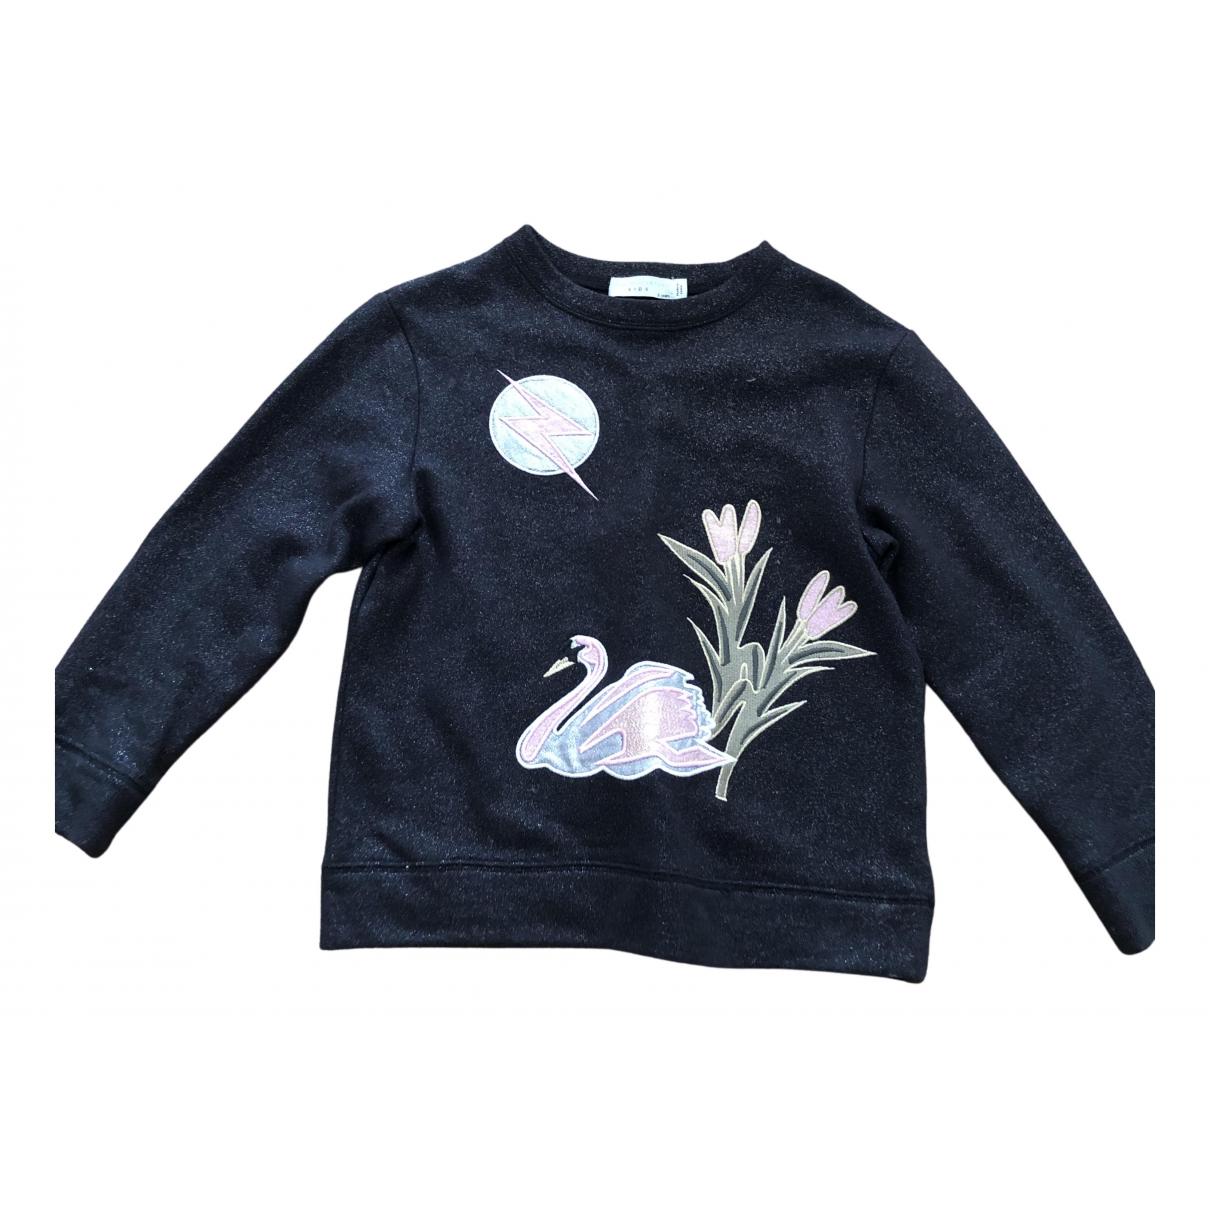 Stella Mccartney - Pull   pour enfant en coton - noir